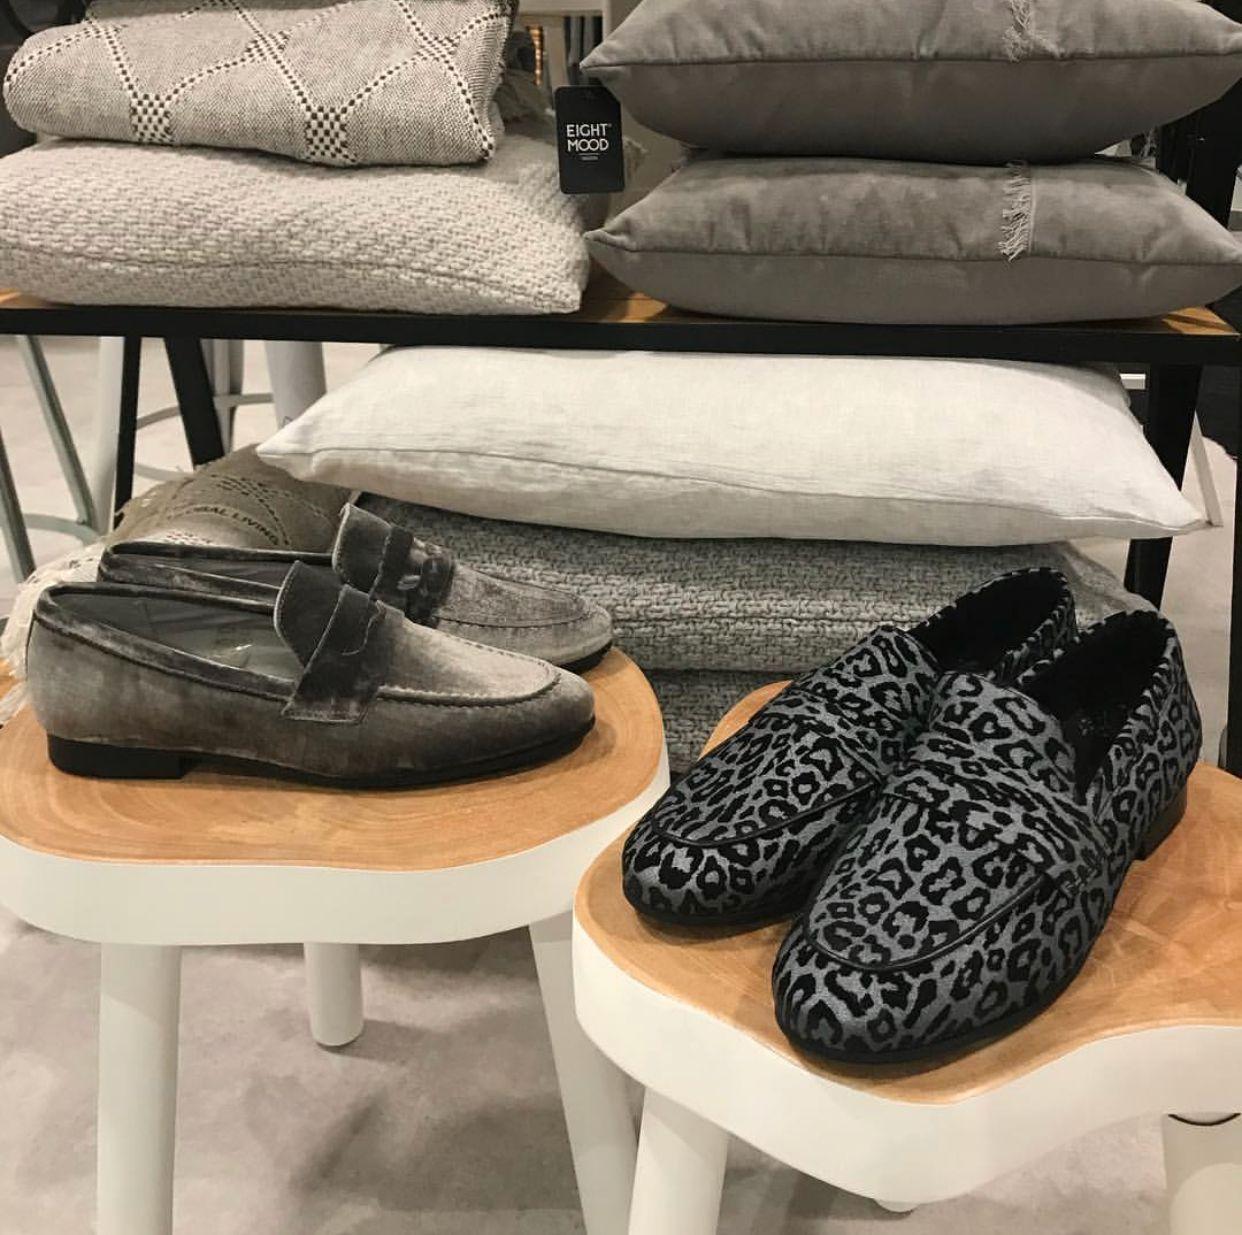 @knhus_lifestyle Nieuw binnen, loafers in grijs fluweel of een gave panterprint 🖤 . #knhuslifestyle #loafers #panterprint #fluweel #Haverstraatpassage #Enschede